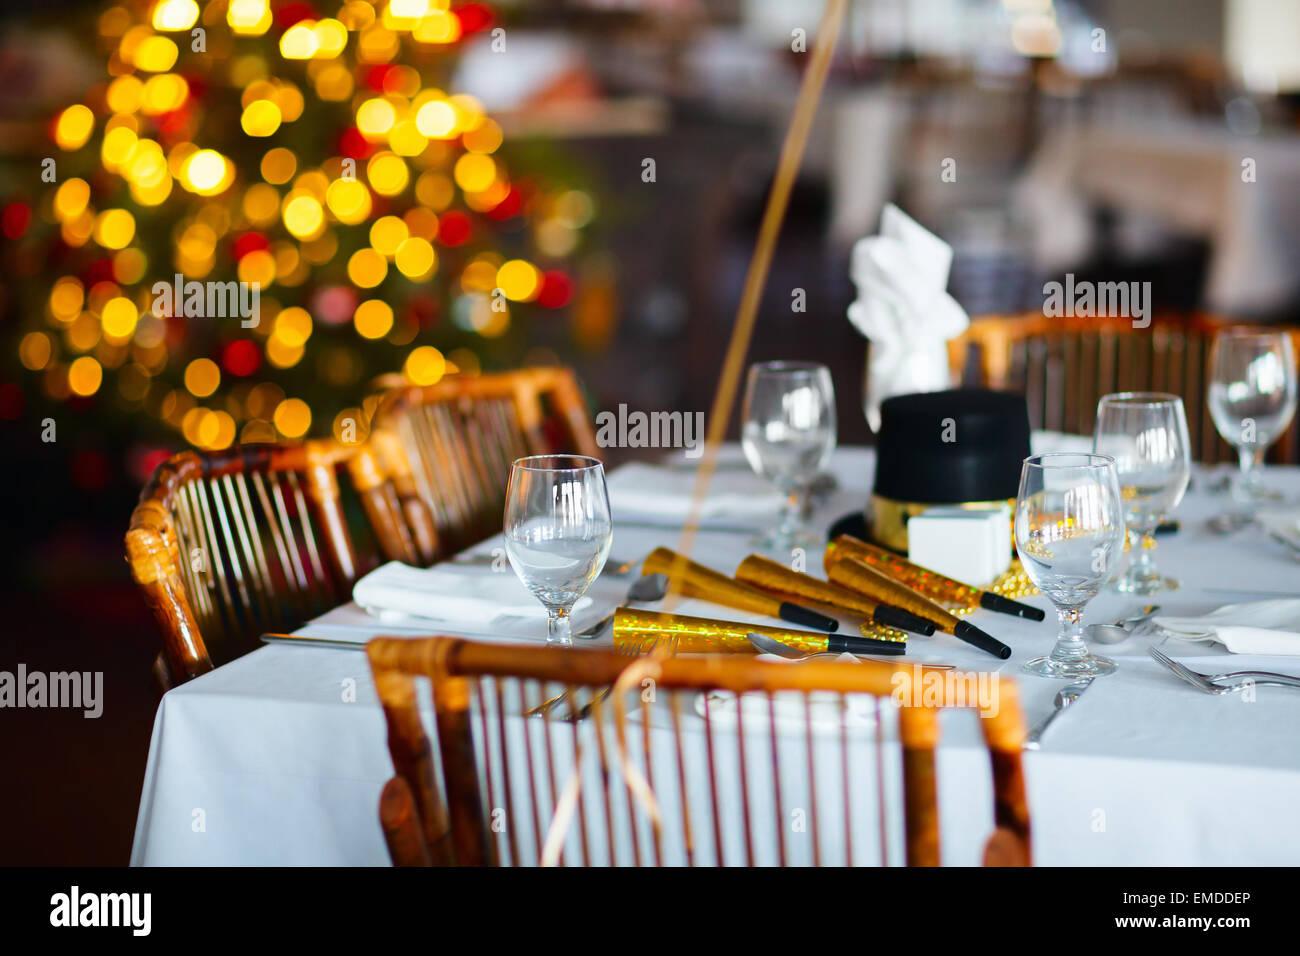 Messa in tavola per la festa di Natale Immagini Stock